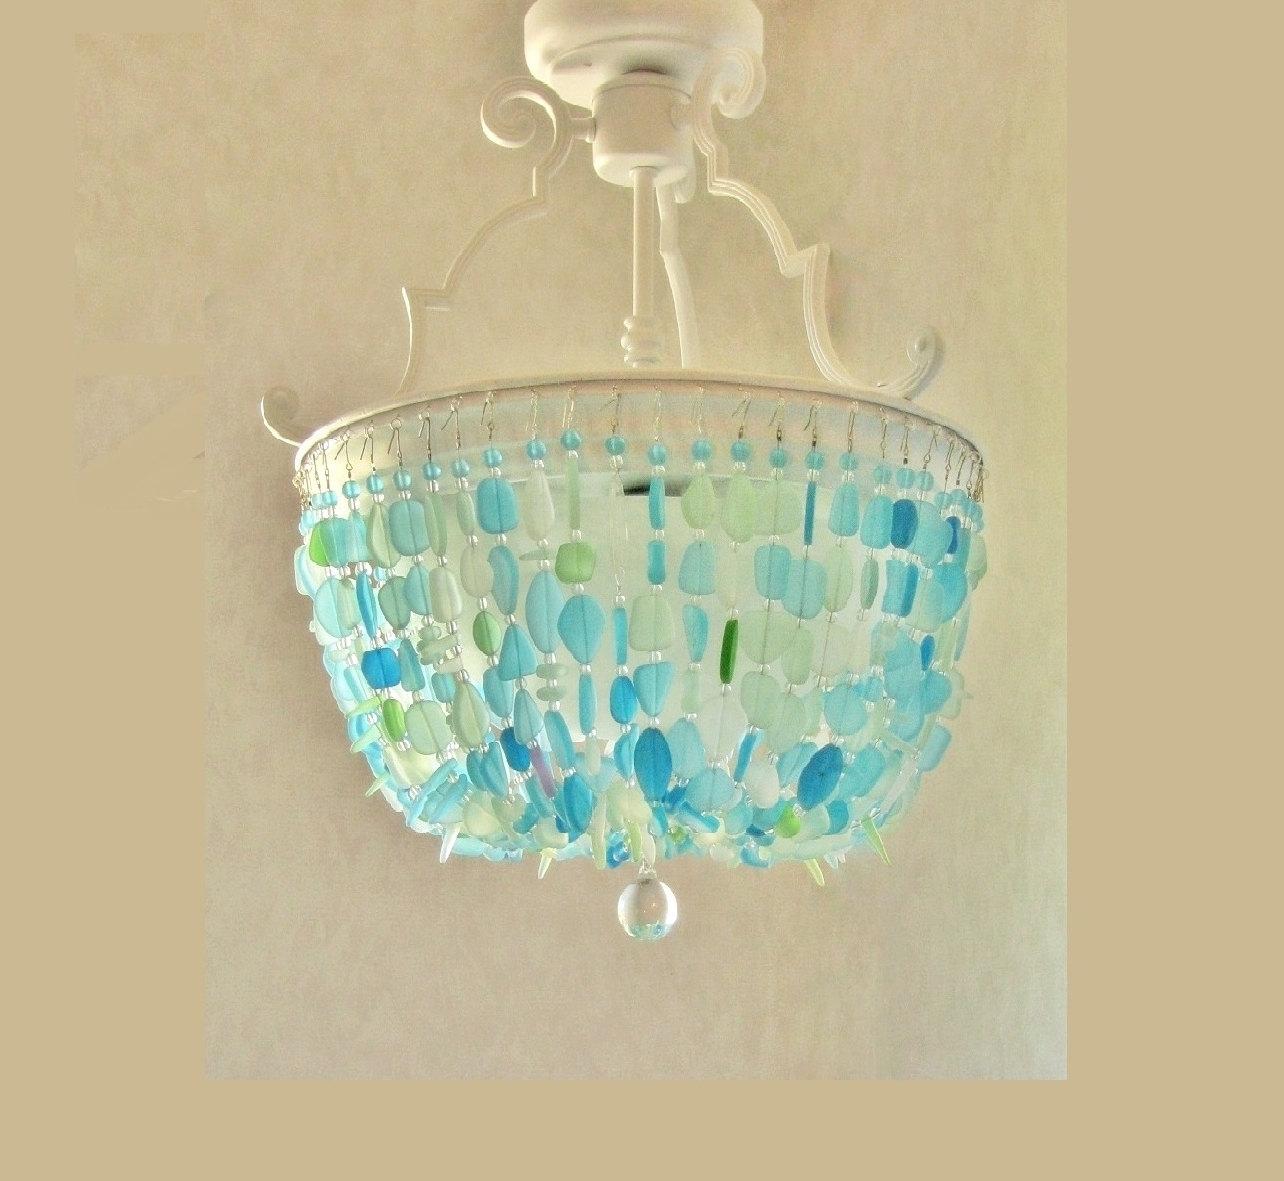 Sea Glass Chandelier Lighting Fixture Beach Glass Ceiling In Turquoise Chandelier Lights (Image 23 of 25)